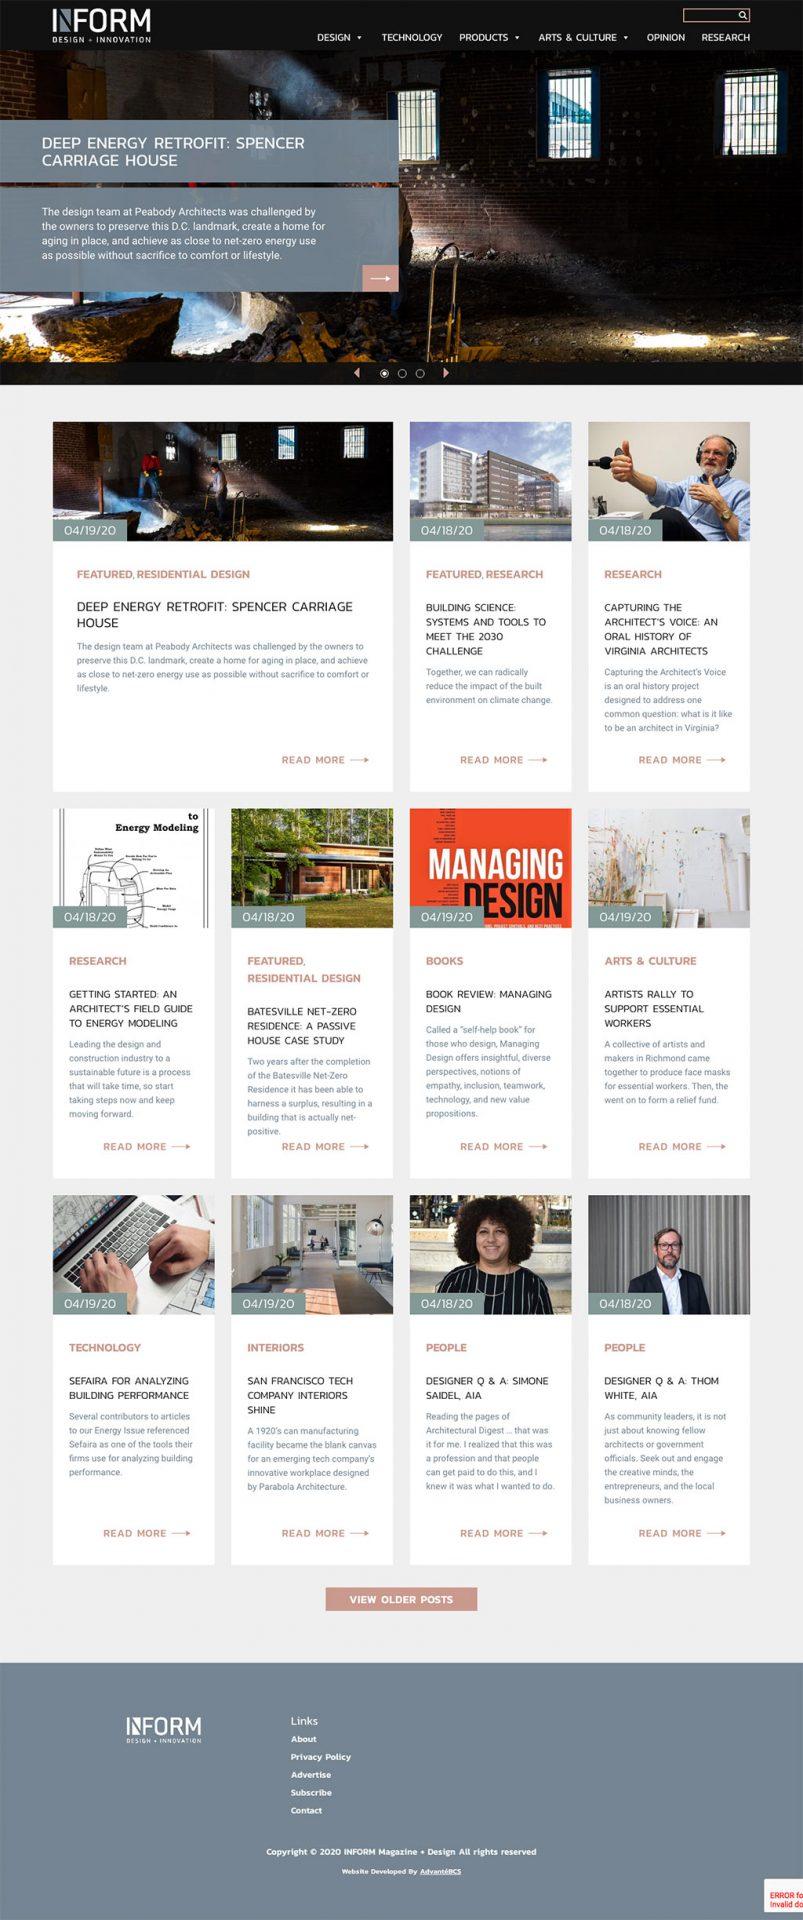 inform-website-img